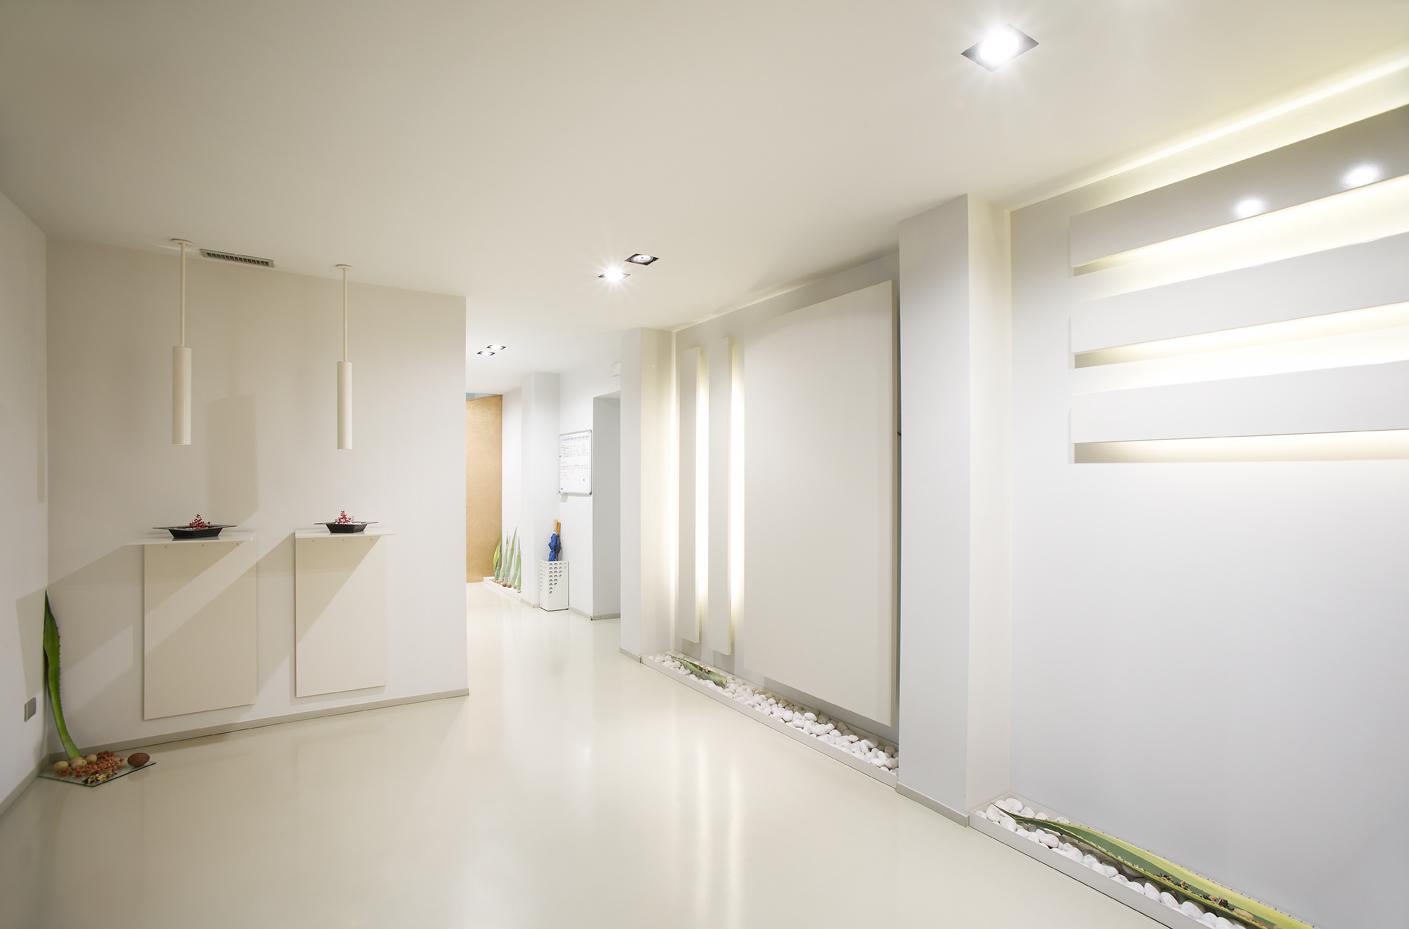 Studio-di-architettura-Baisotti-Sigala-prgetti11